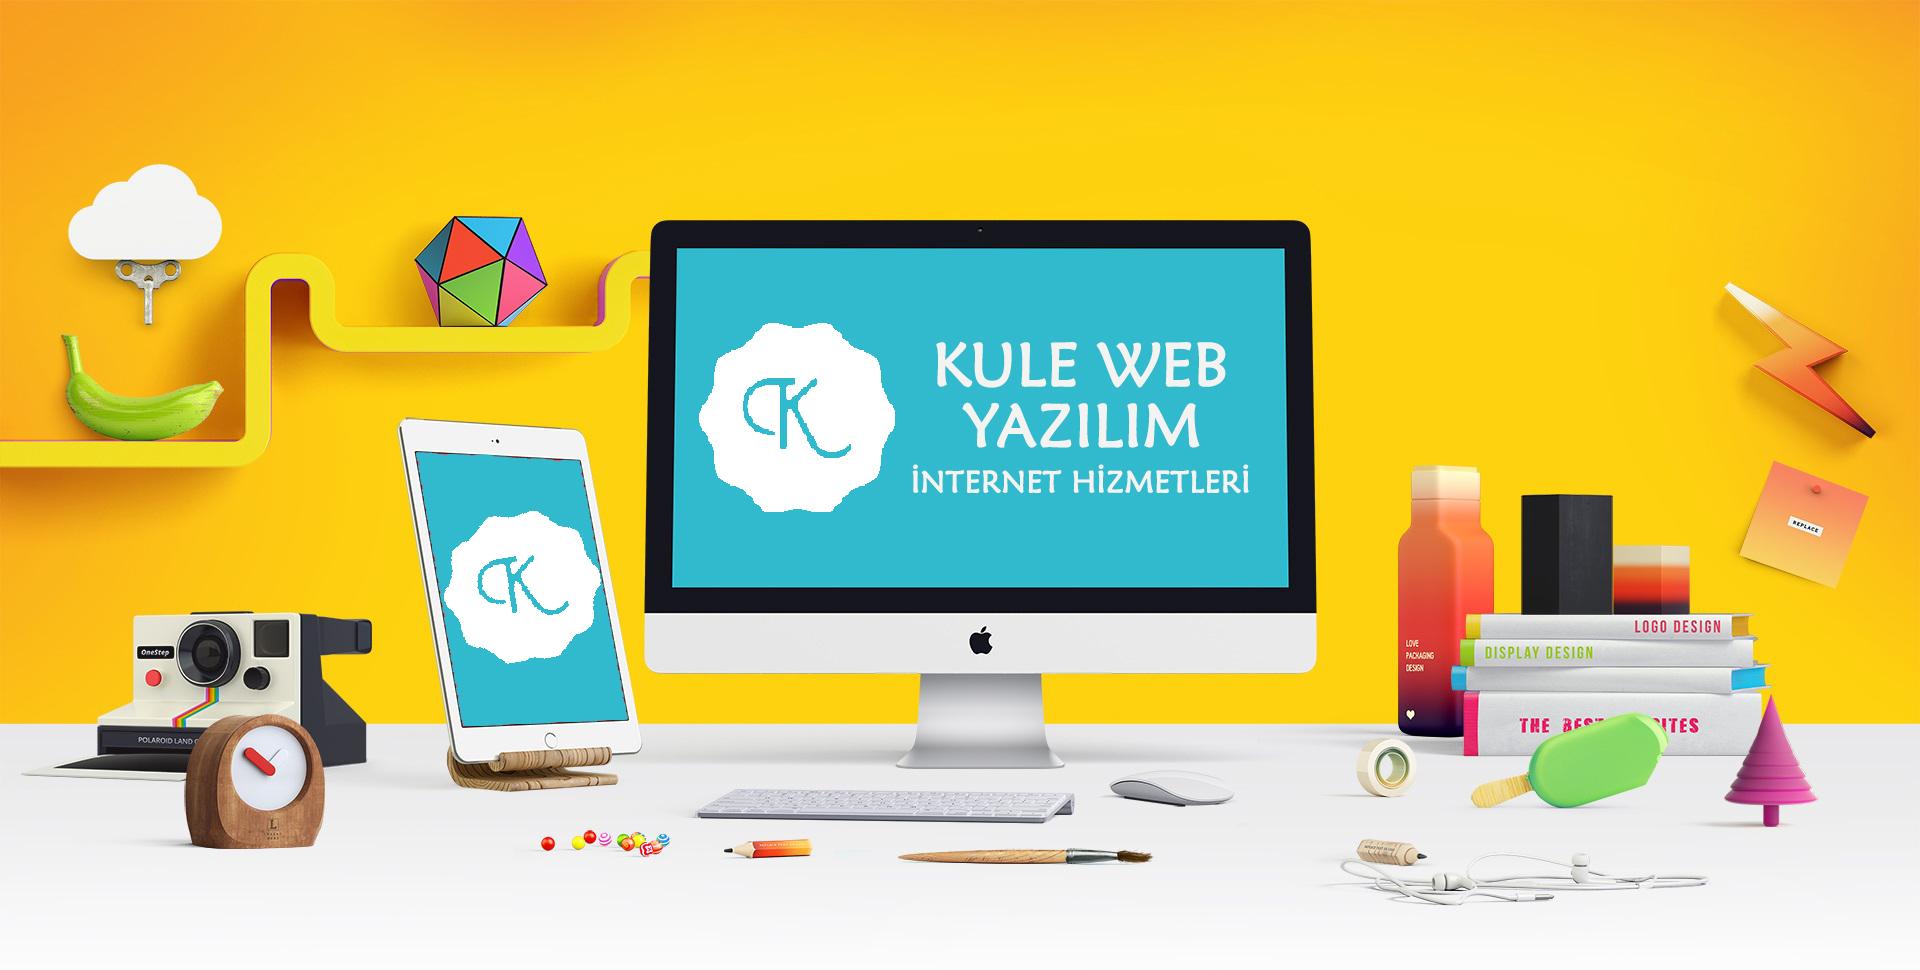 Kule Web Yazılım İnternet Hizmetleri